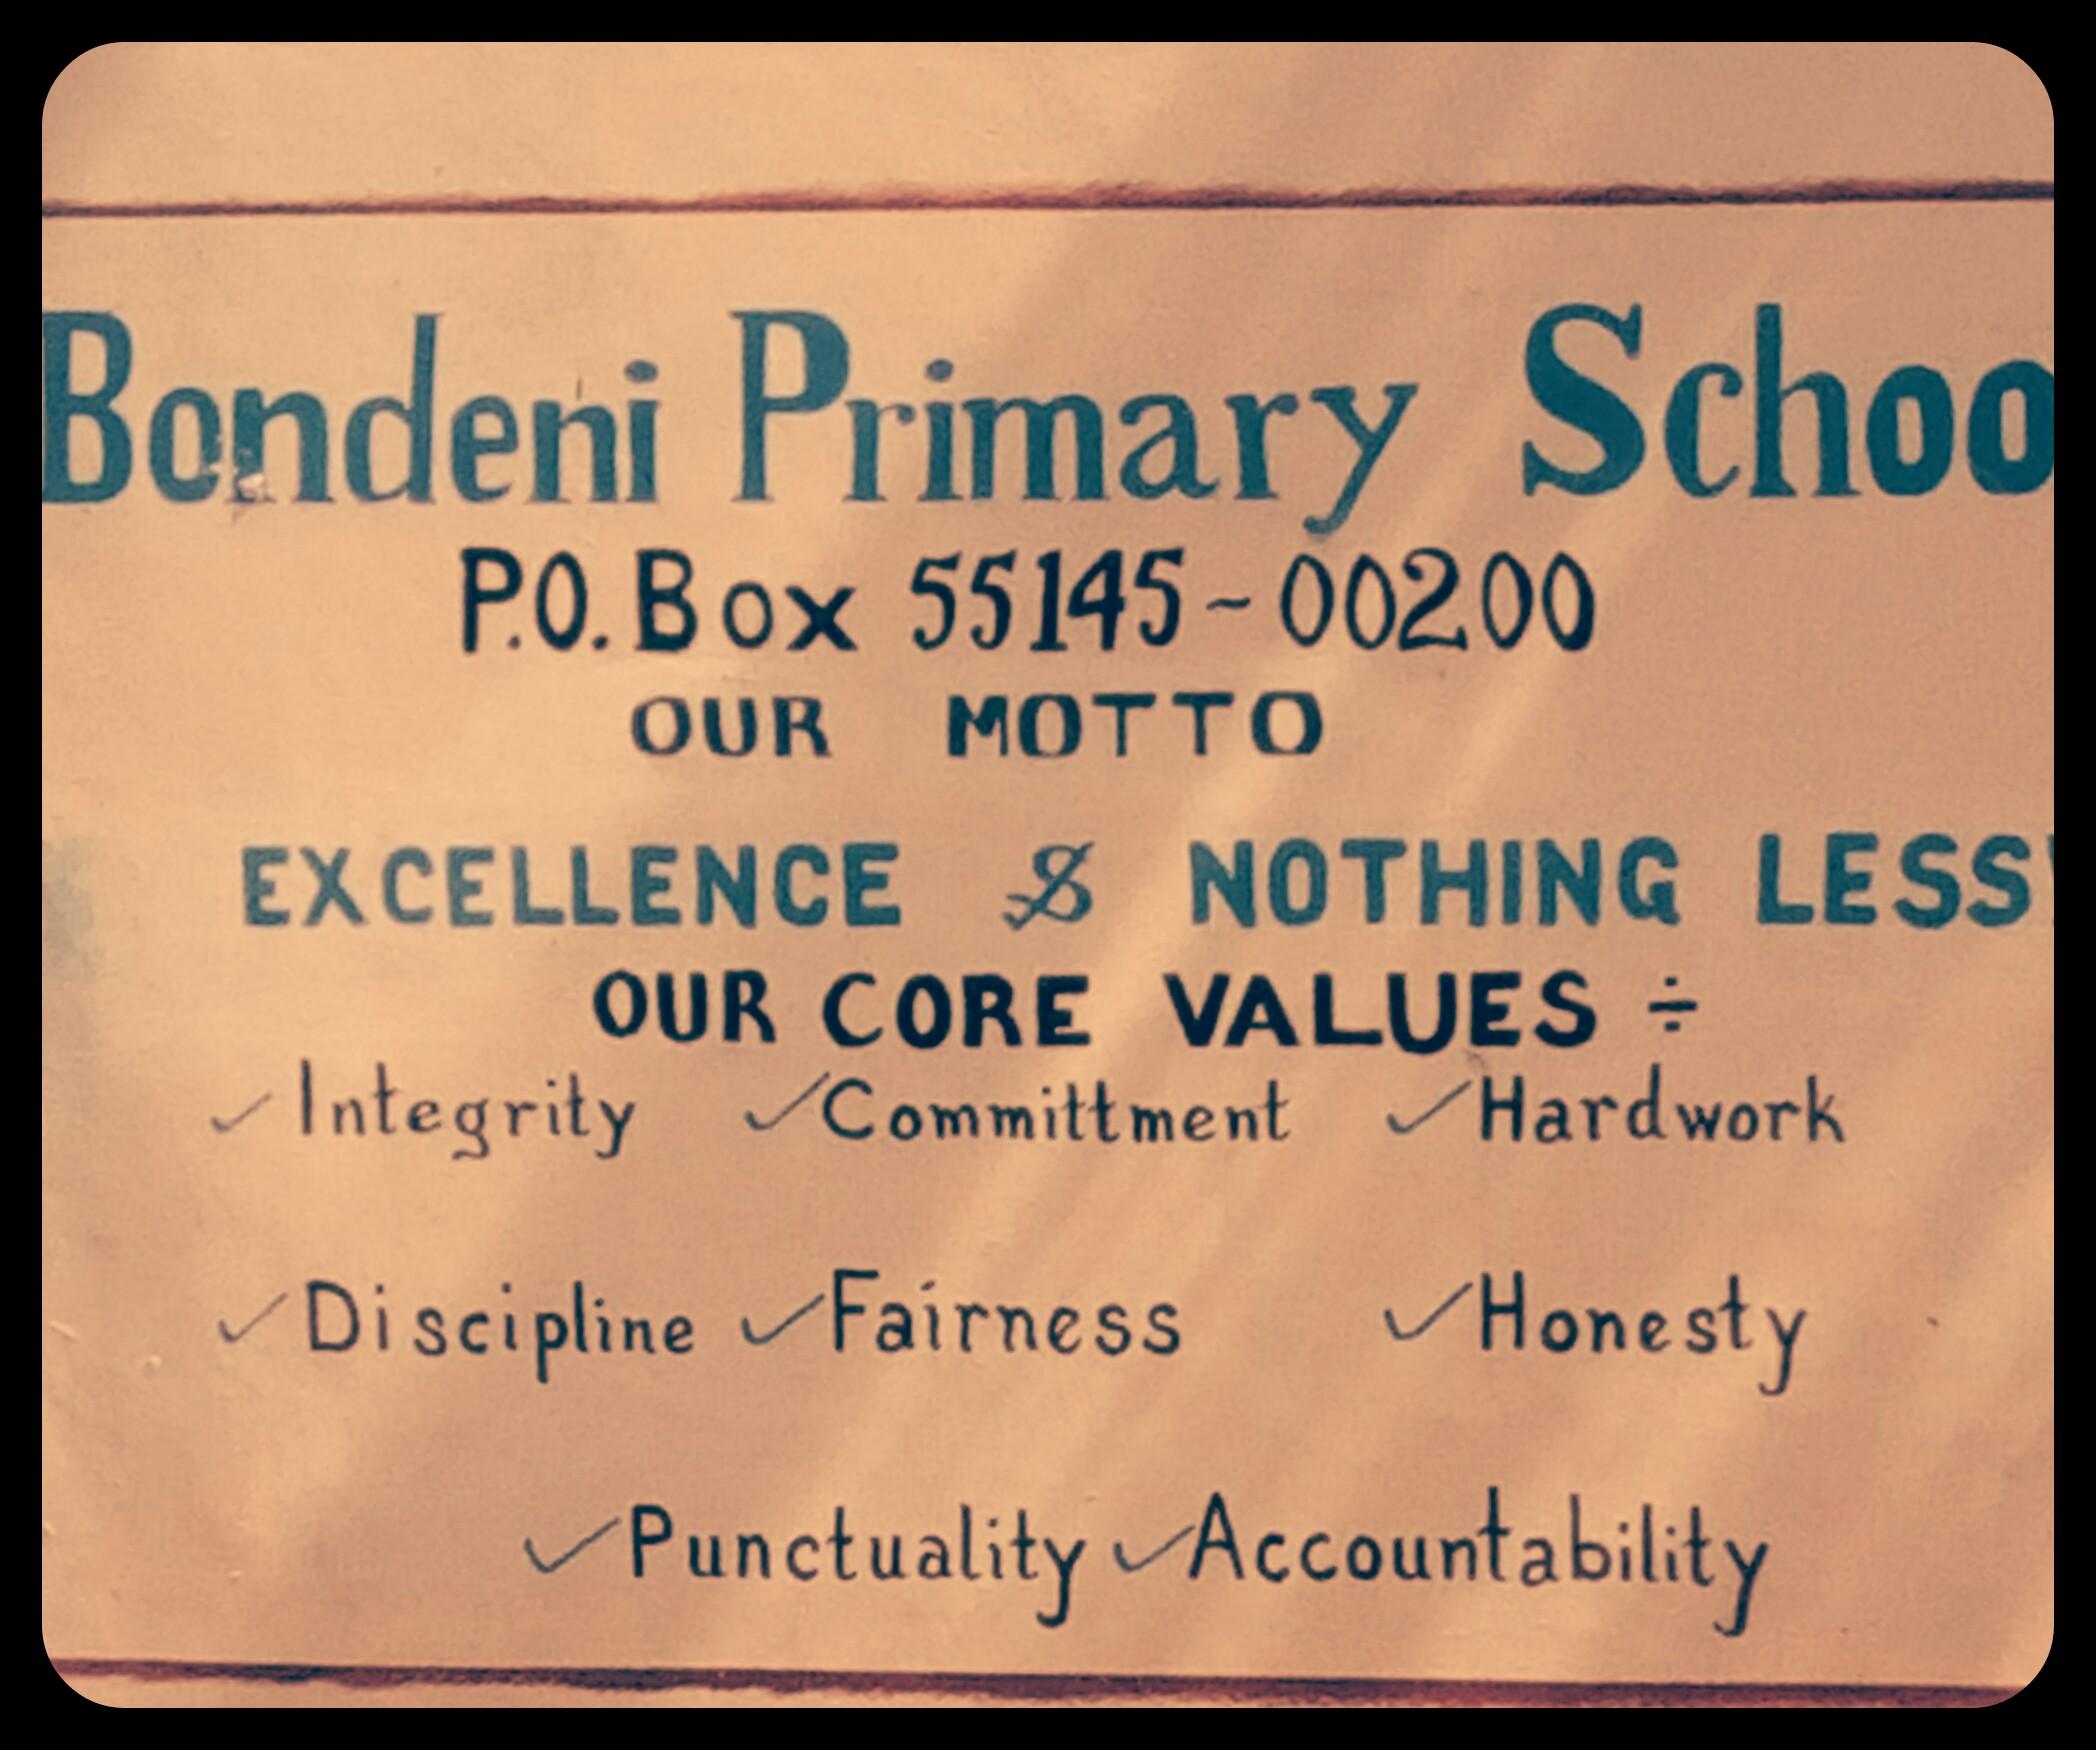 Bondeni Primary School